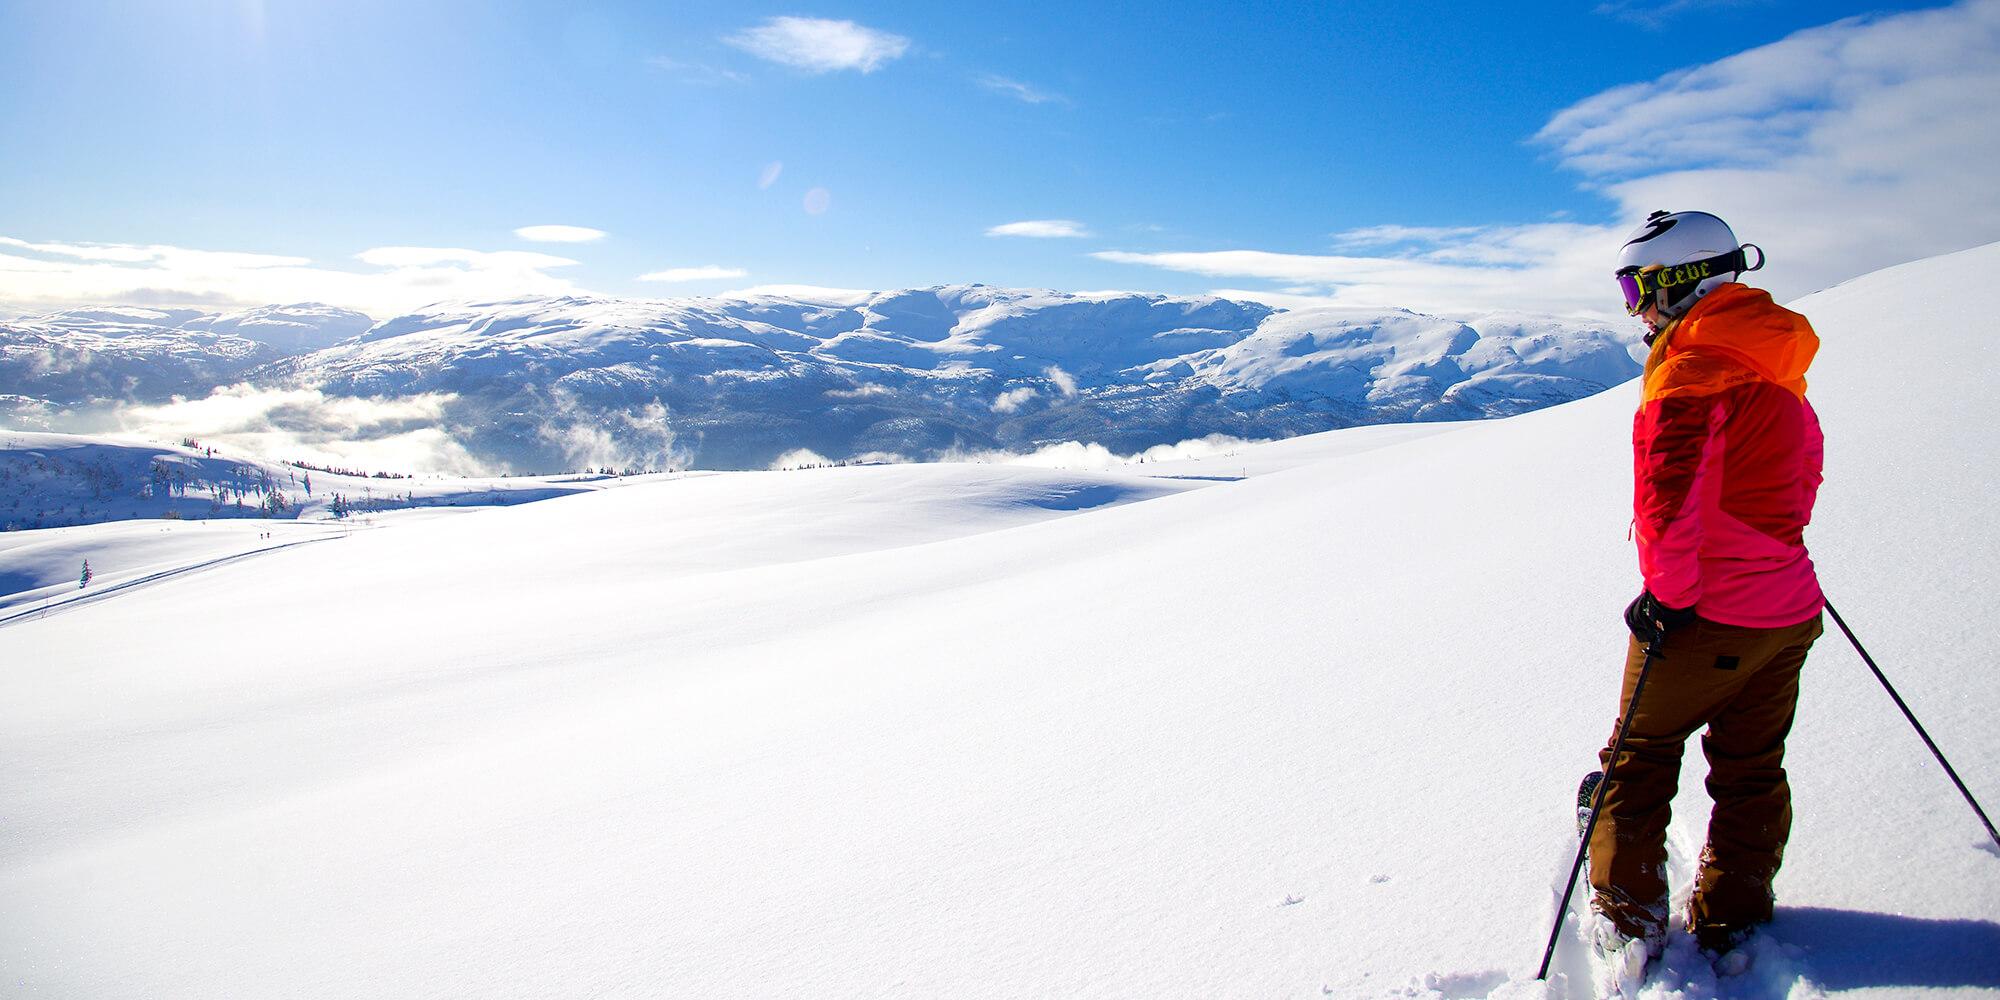 Катание на лыжах в городке Восс